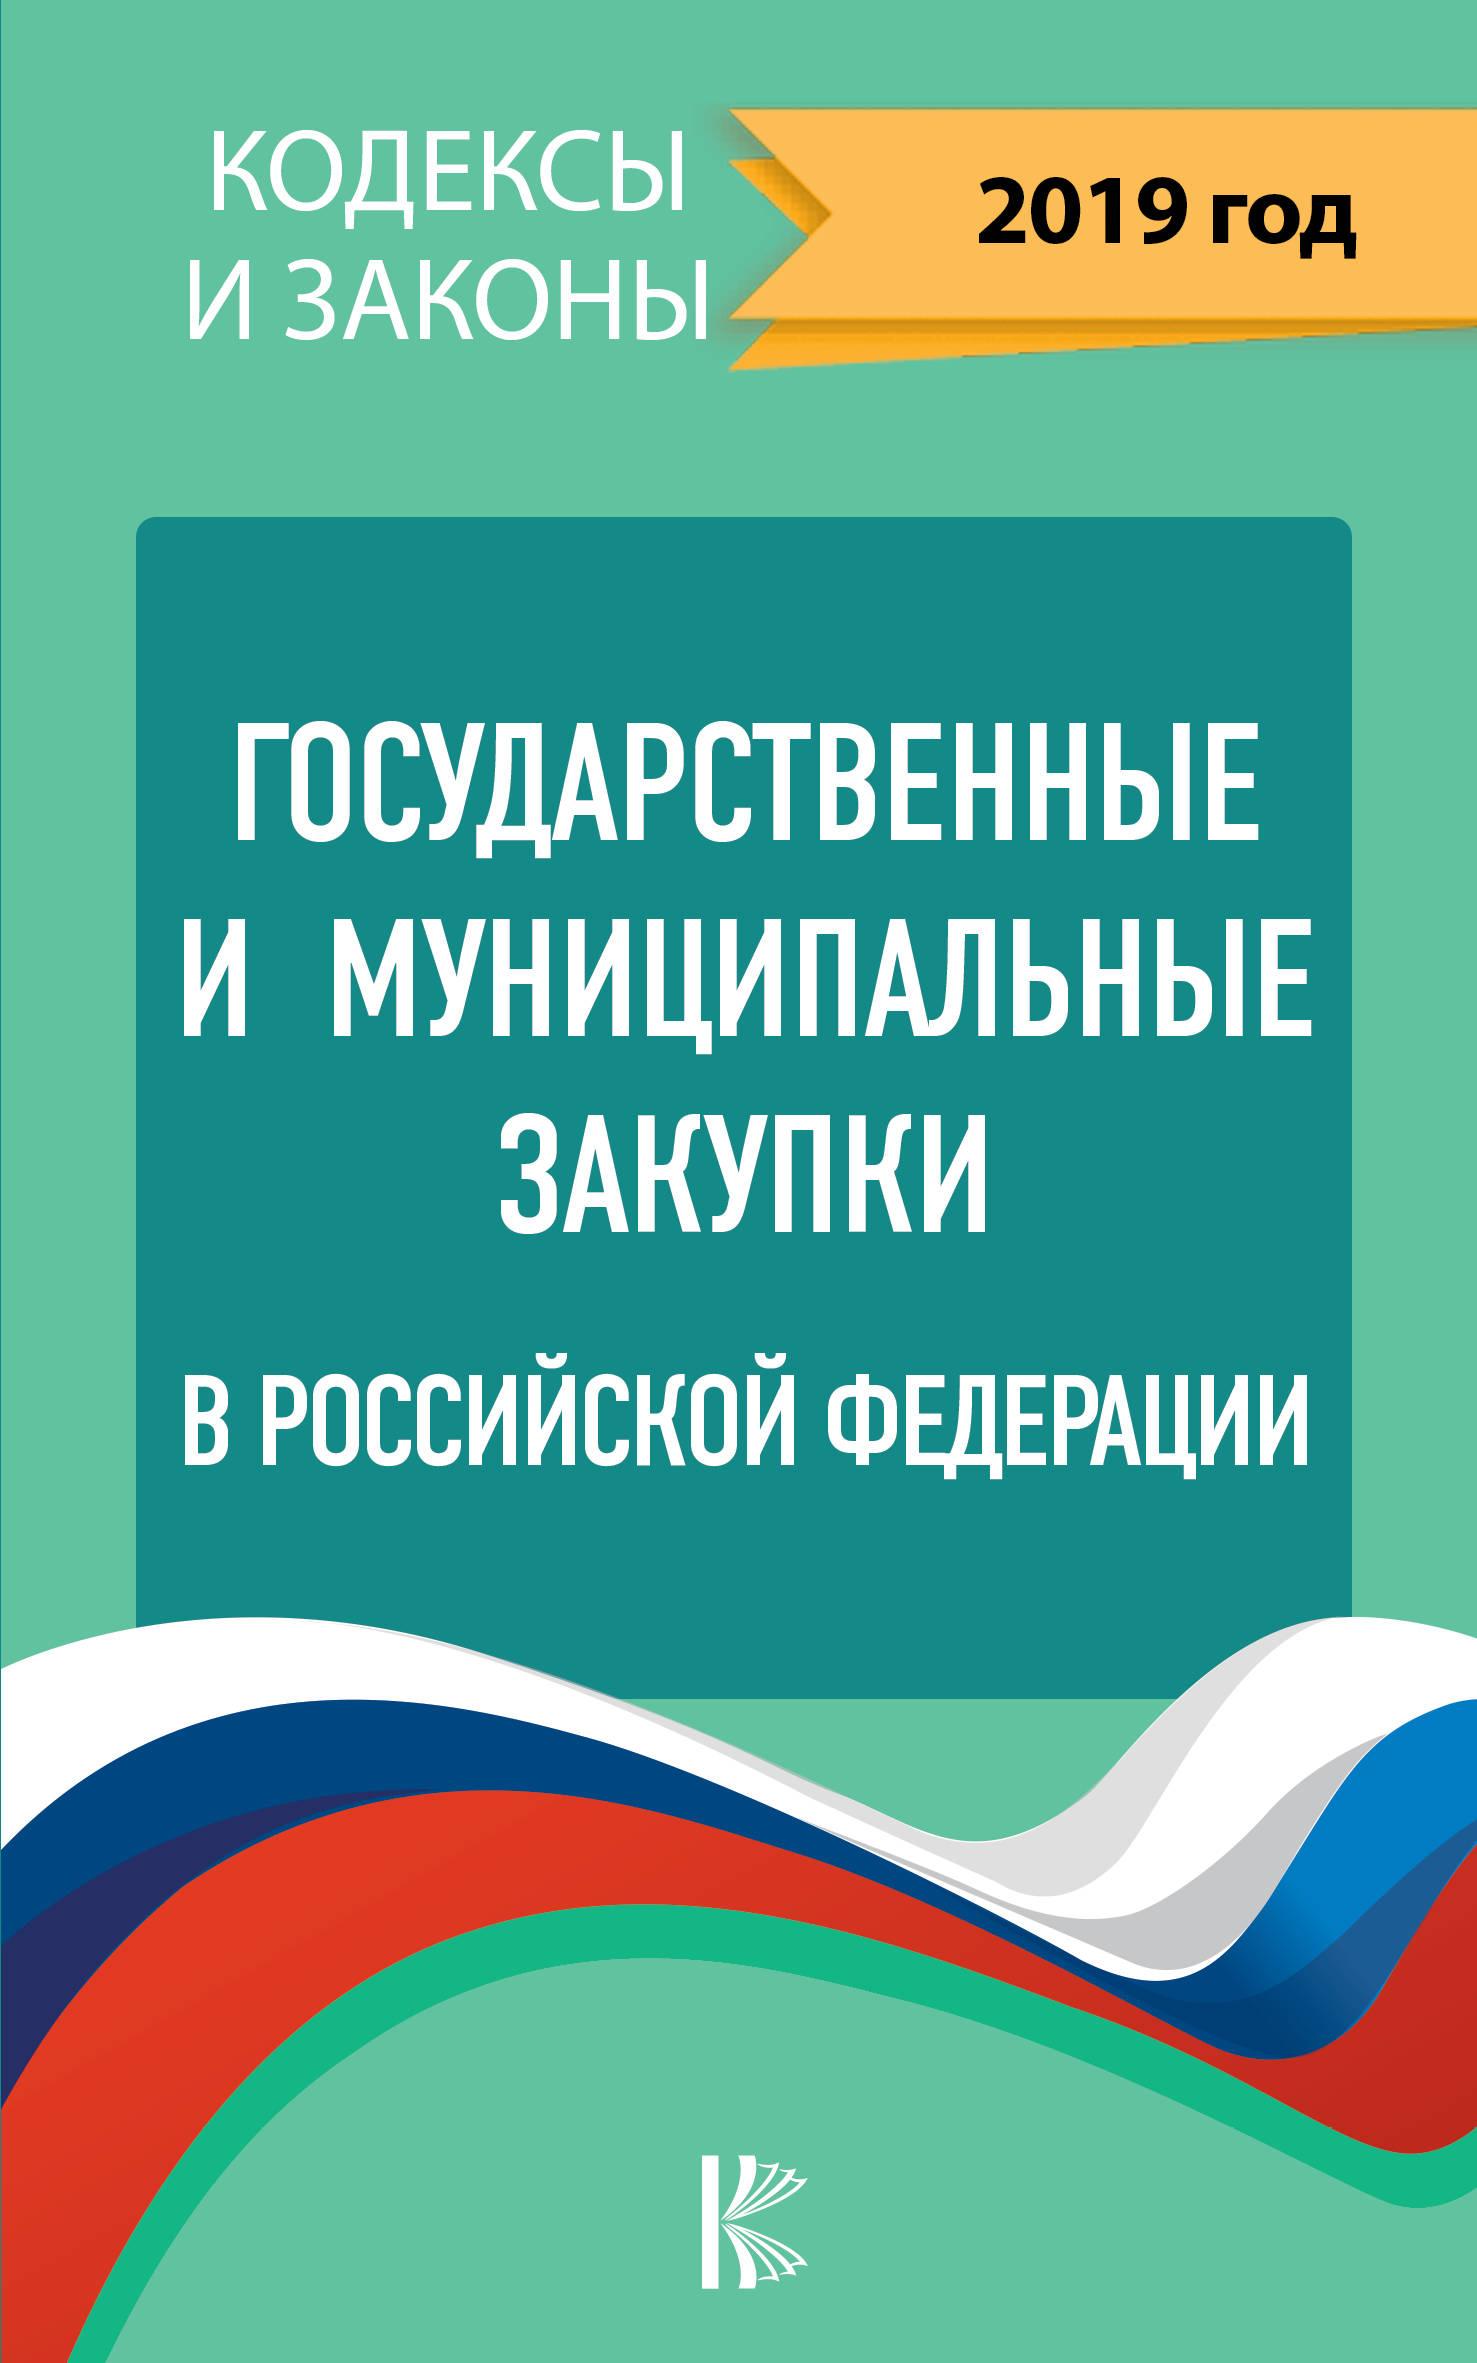 Государственные и муниципальные закупки в Российской Федерации. 2019